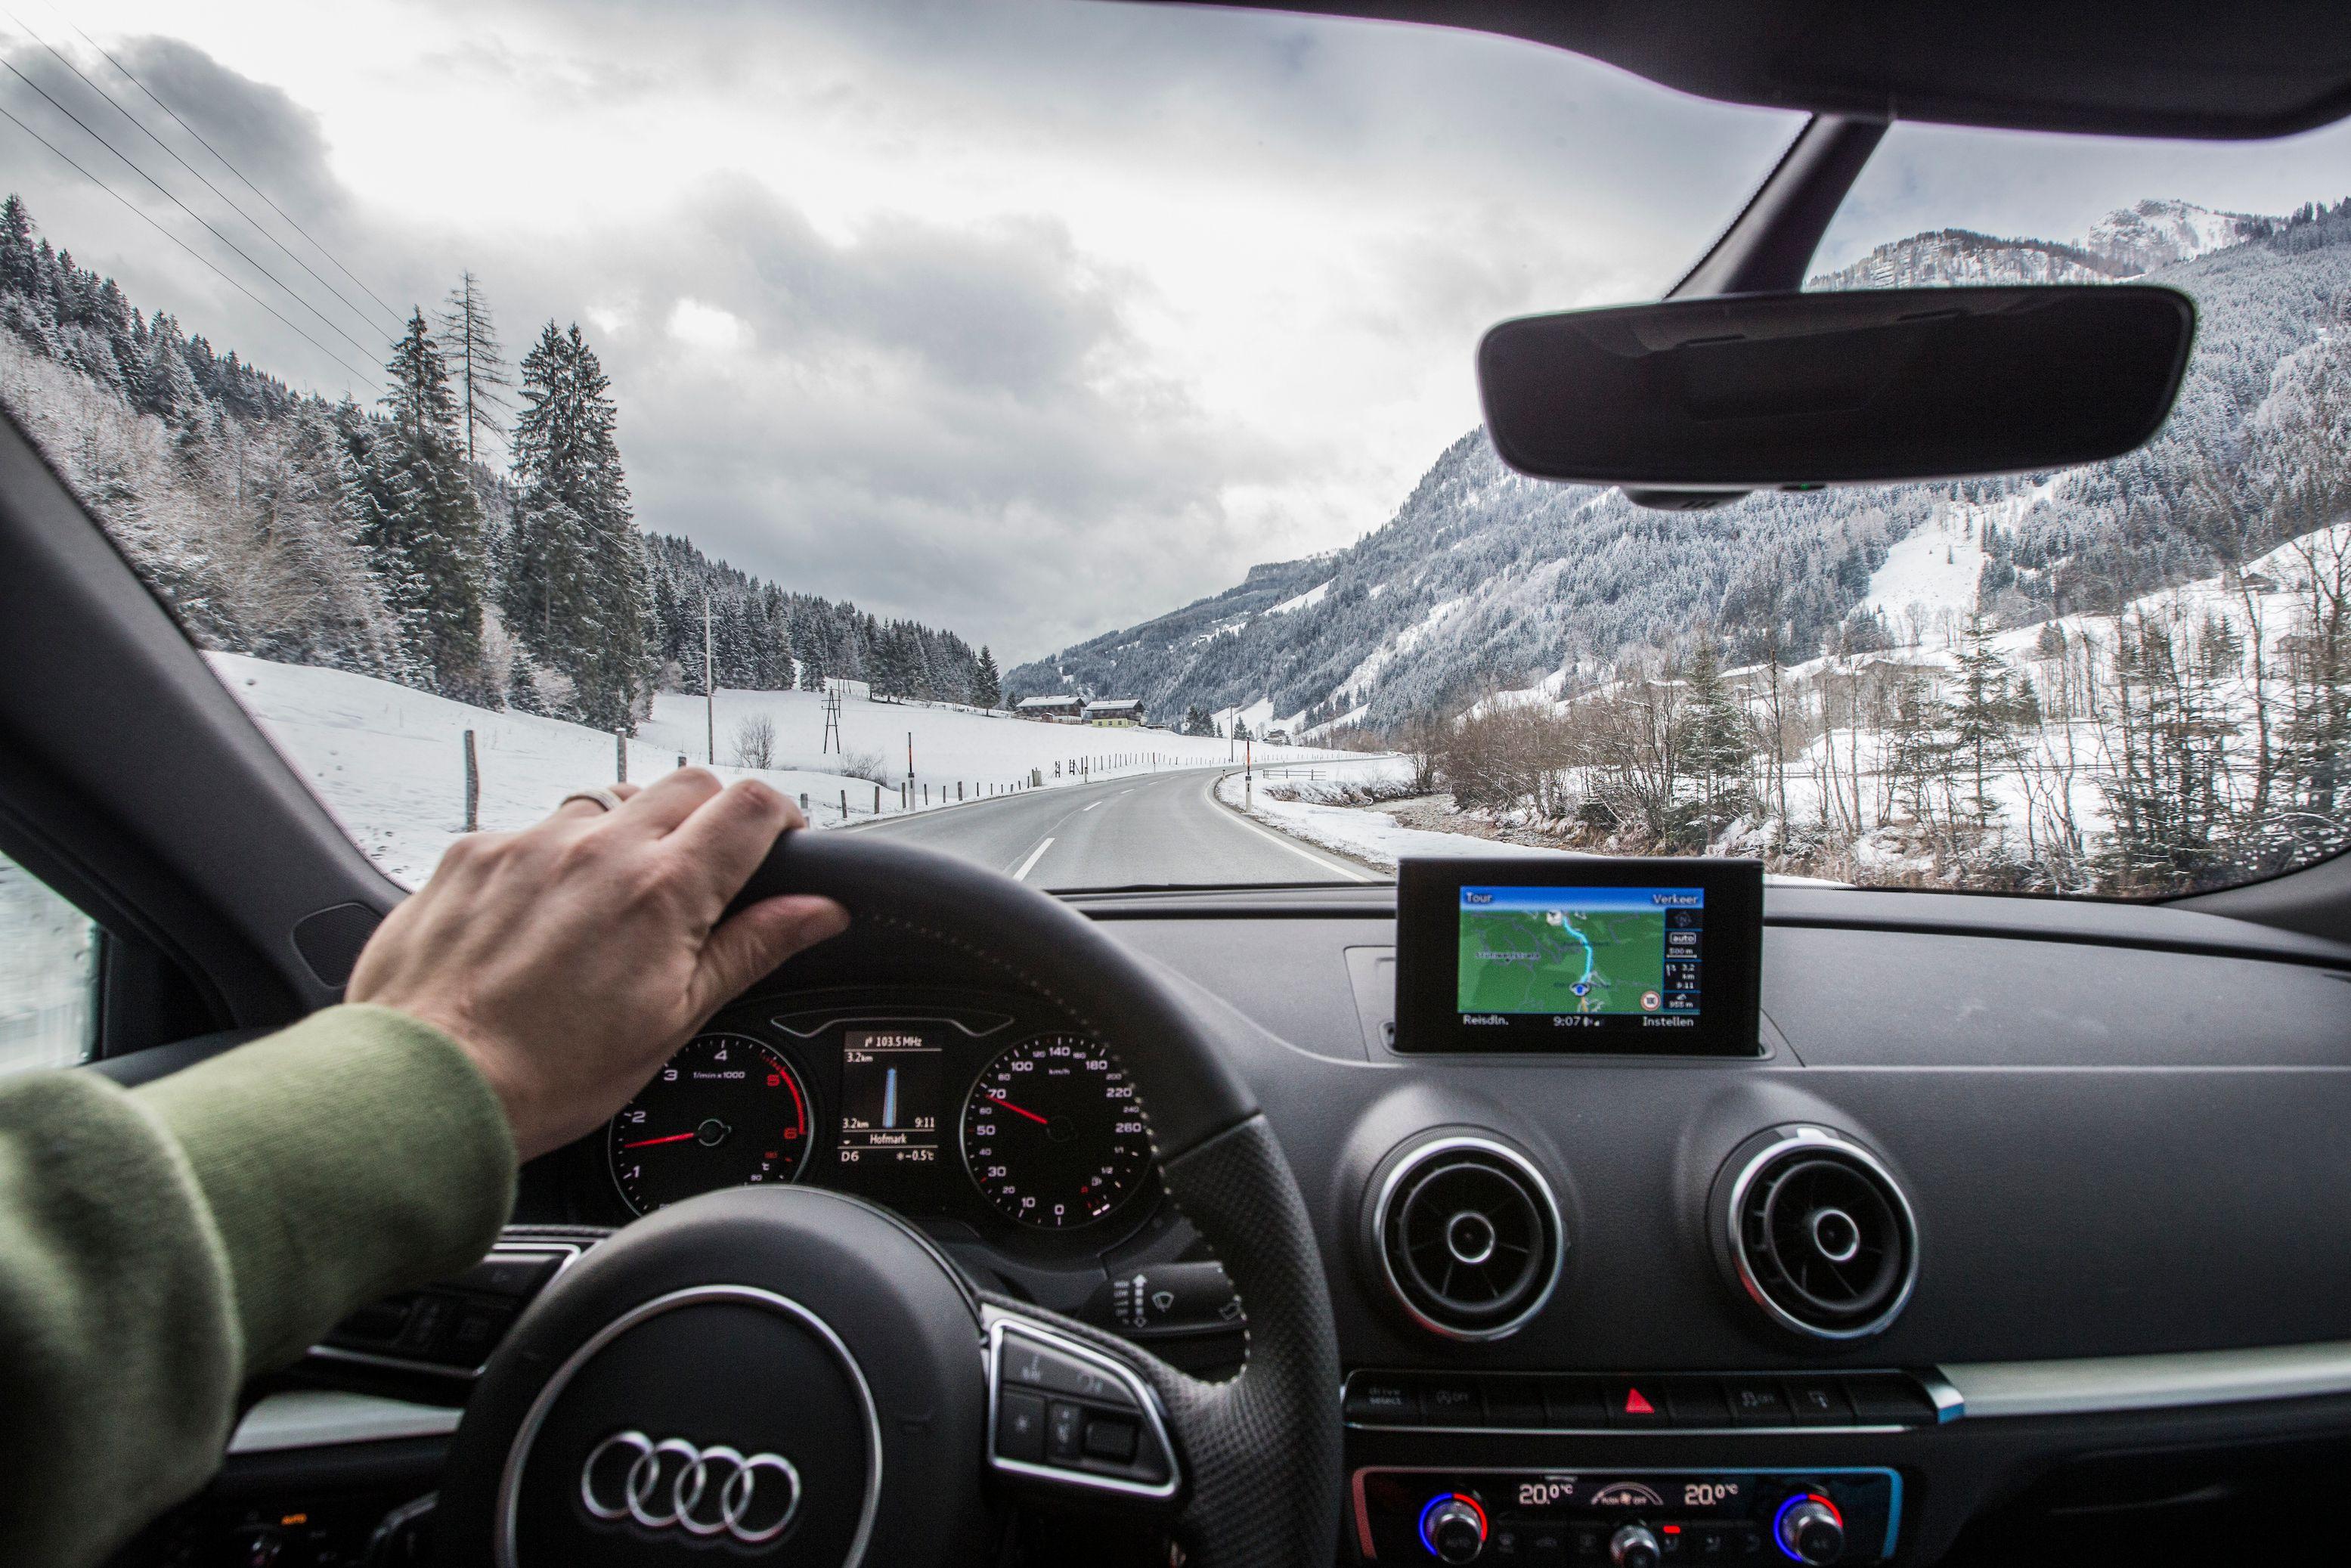 Uitgelezene Tolplannen Duitse snelwegen van de baan - Wintersport Weblog AZ-07